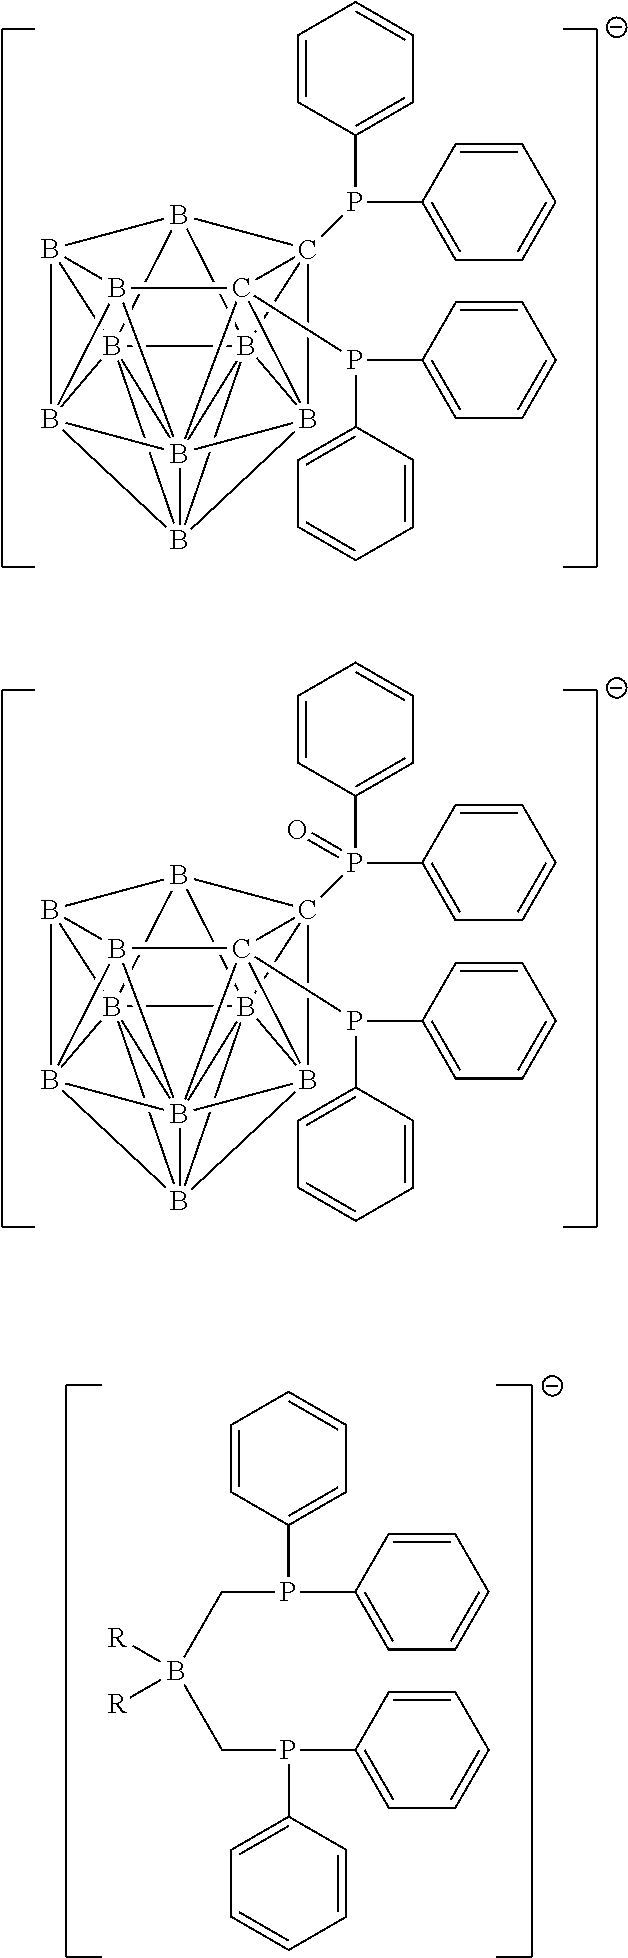 Figure US20160043332A1-20160211-C00016